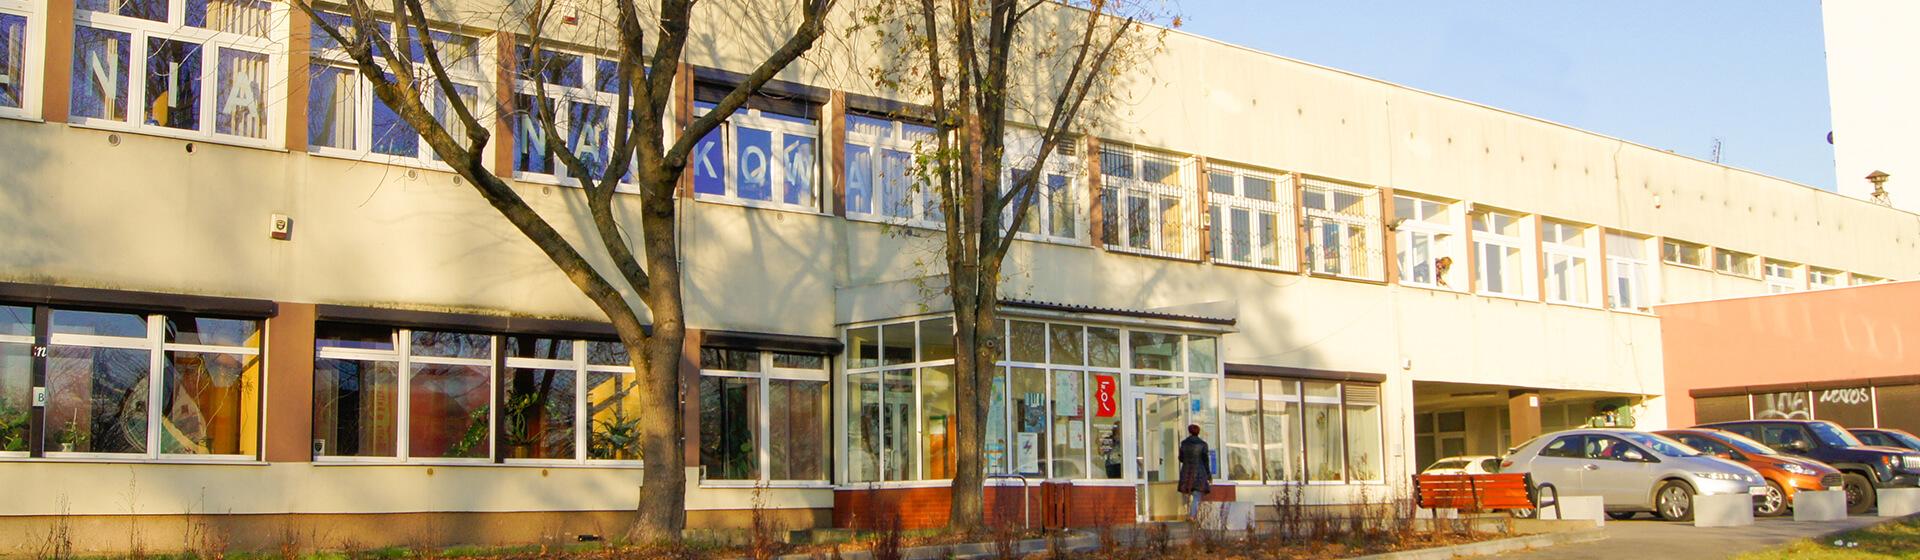 Foto slajder SDS Na Targówku 650px